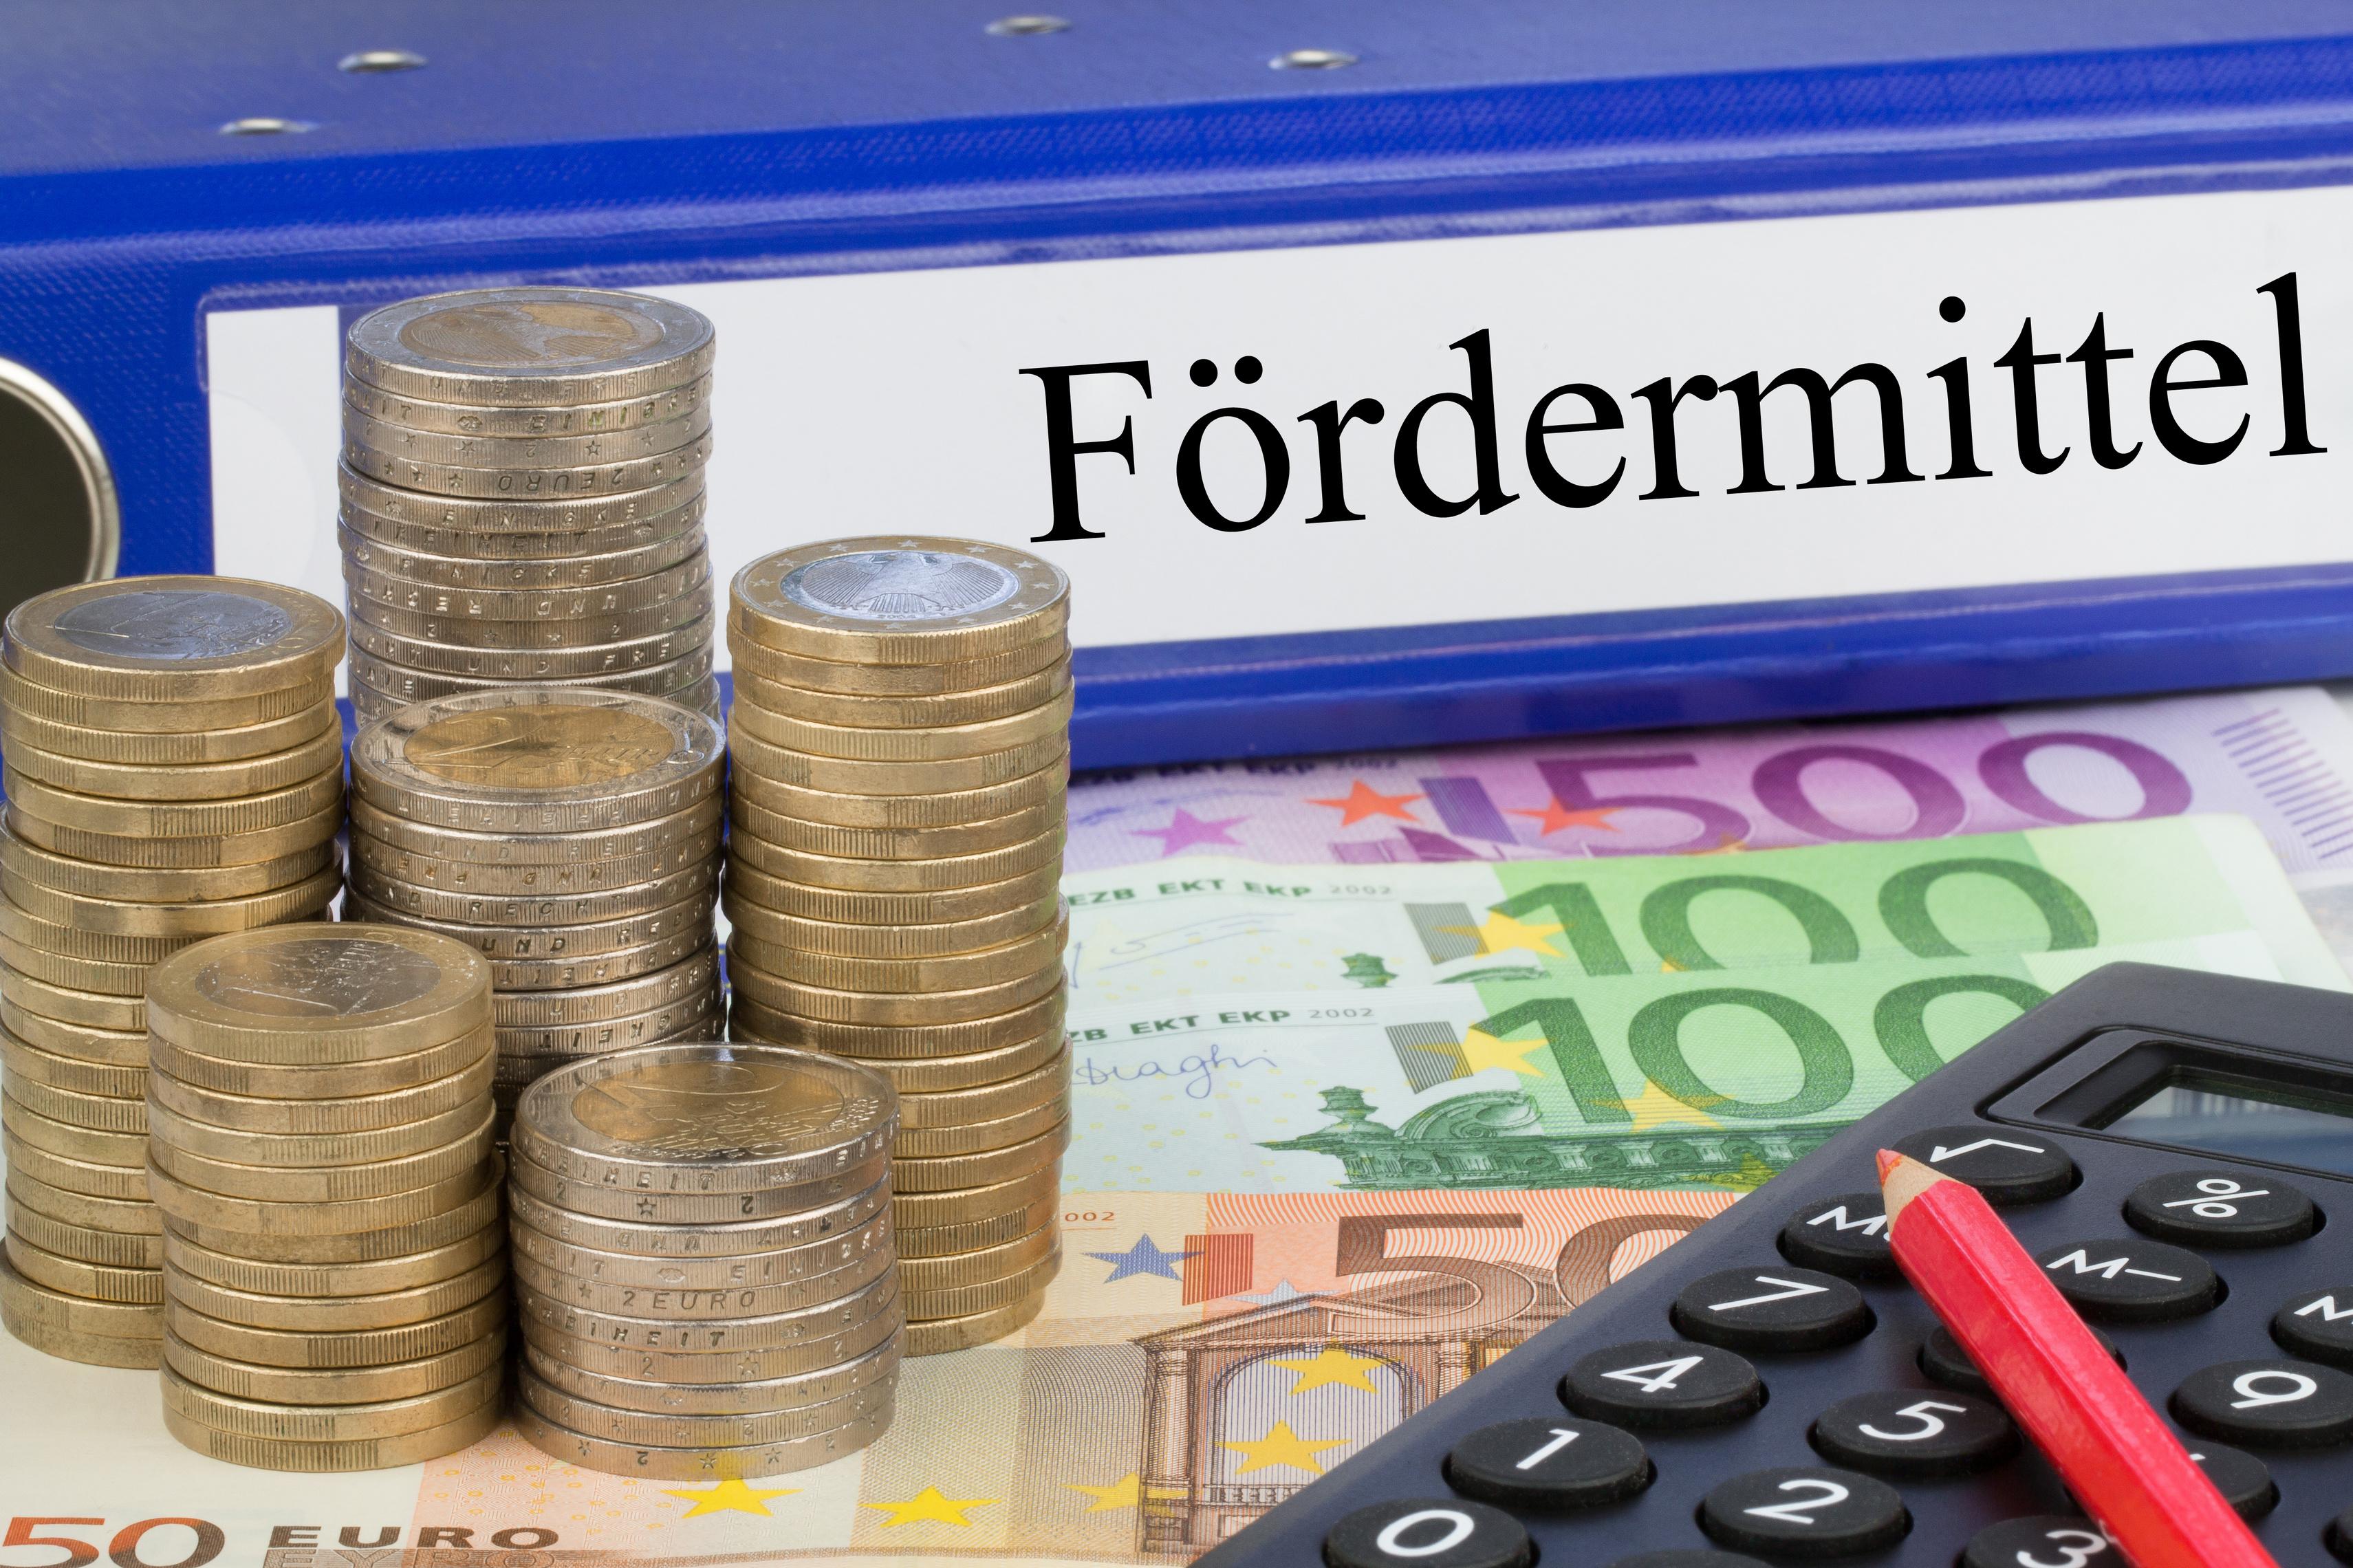 Abbildung zeigt symbolisch Geld und Taschenrechner für Fördermittel